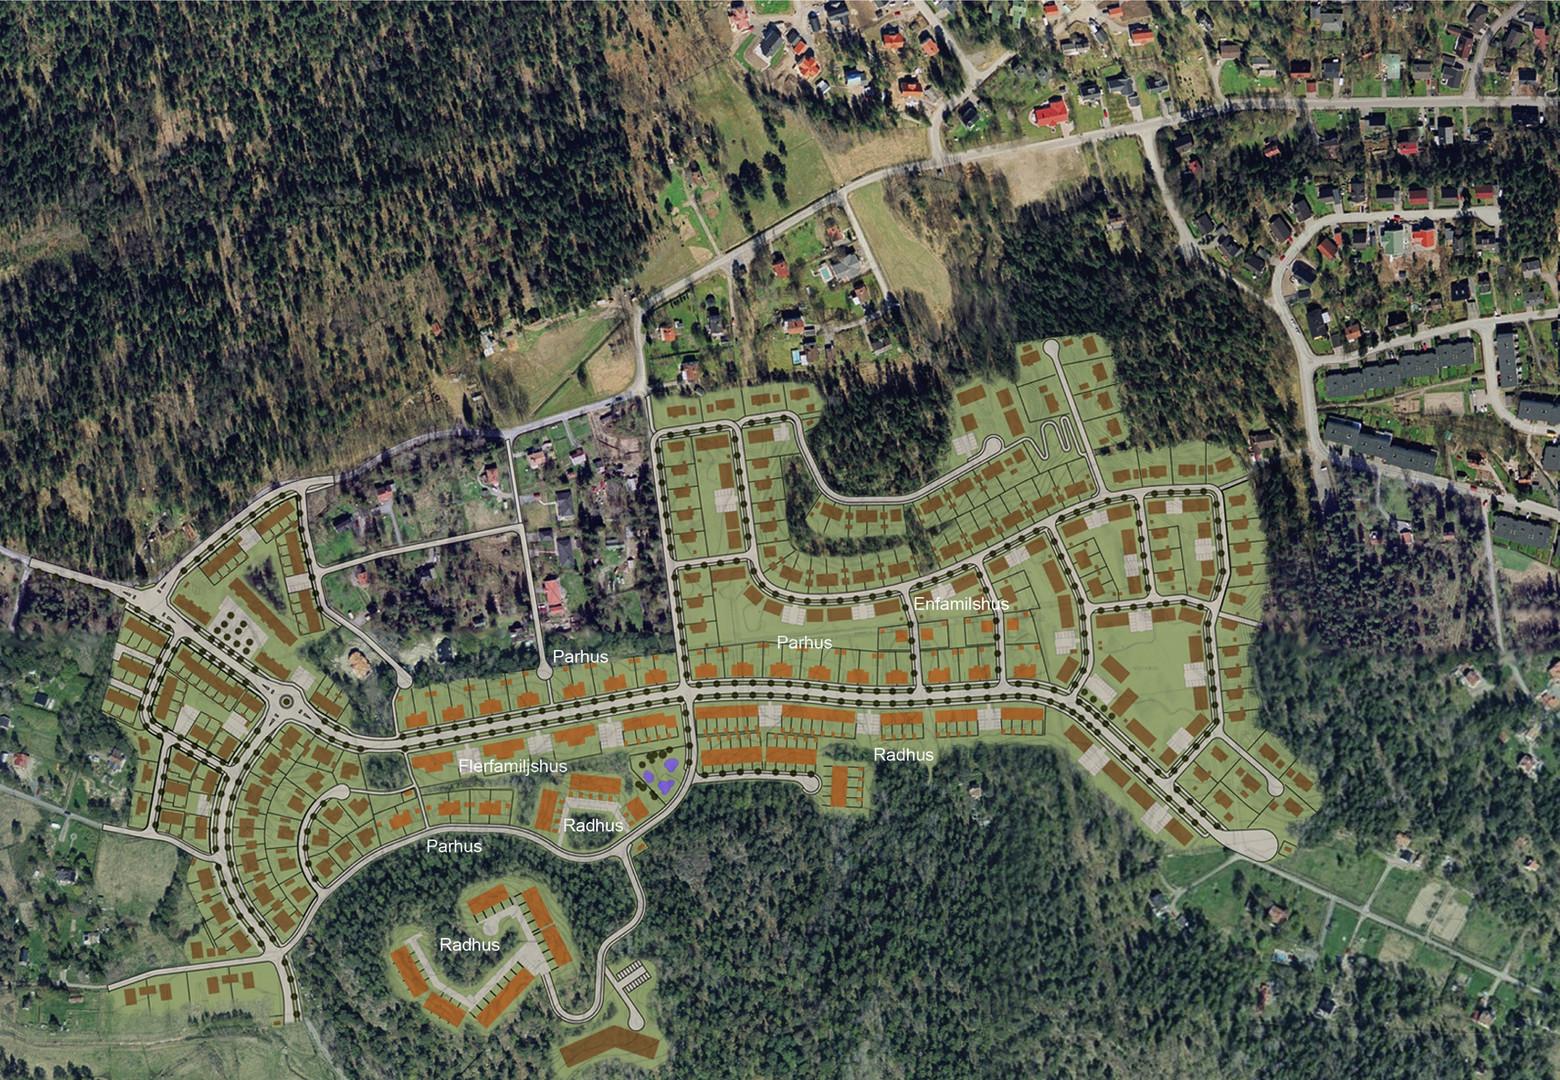 Översiktsplan över detaljsplaneområdet. Byggnader ritade av Södergruppen är orangemarkerade.